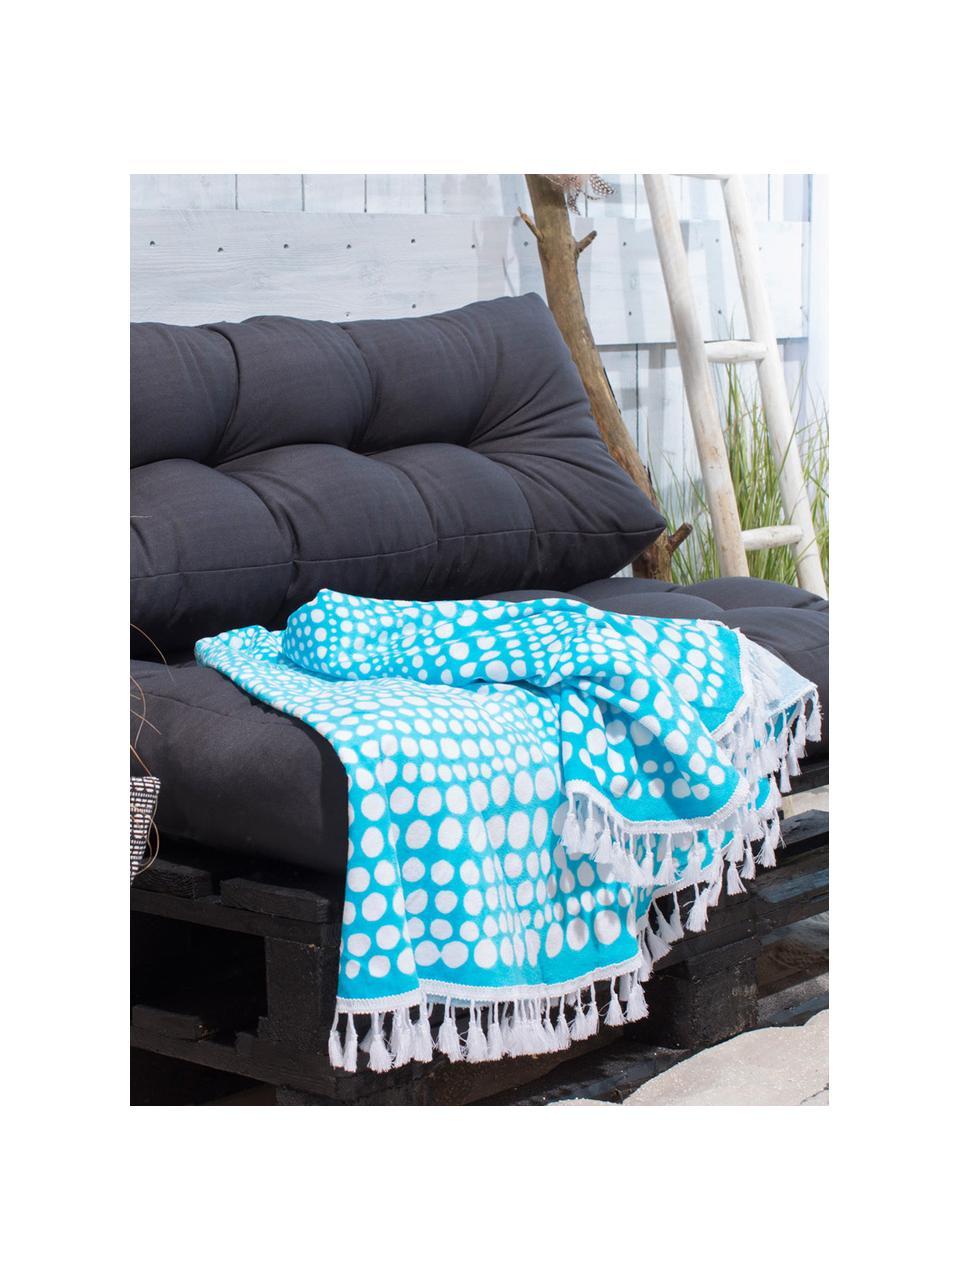 Okrągły ręcznik plażowy Kivi, Turkusowy, biały, Ø 150 cm